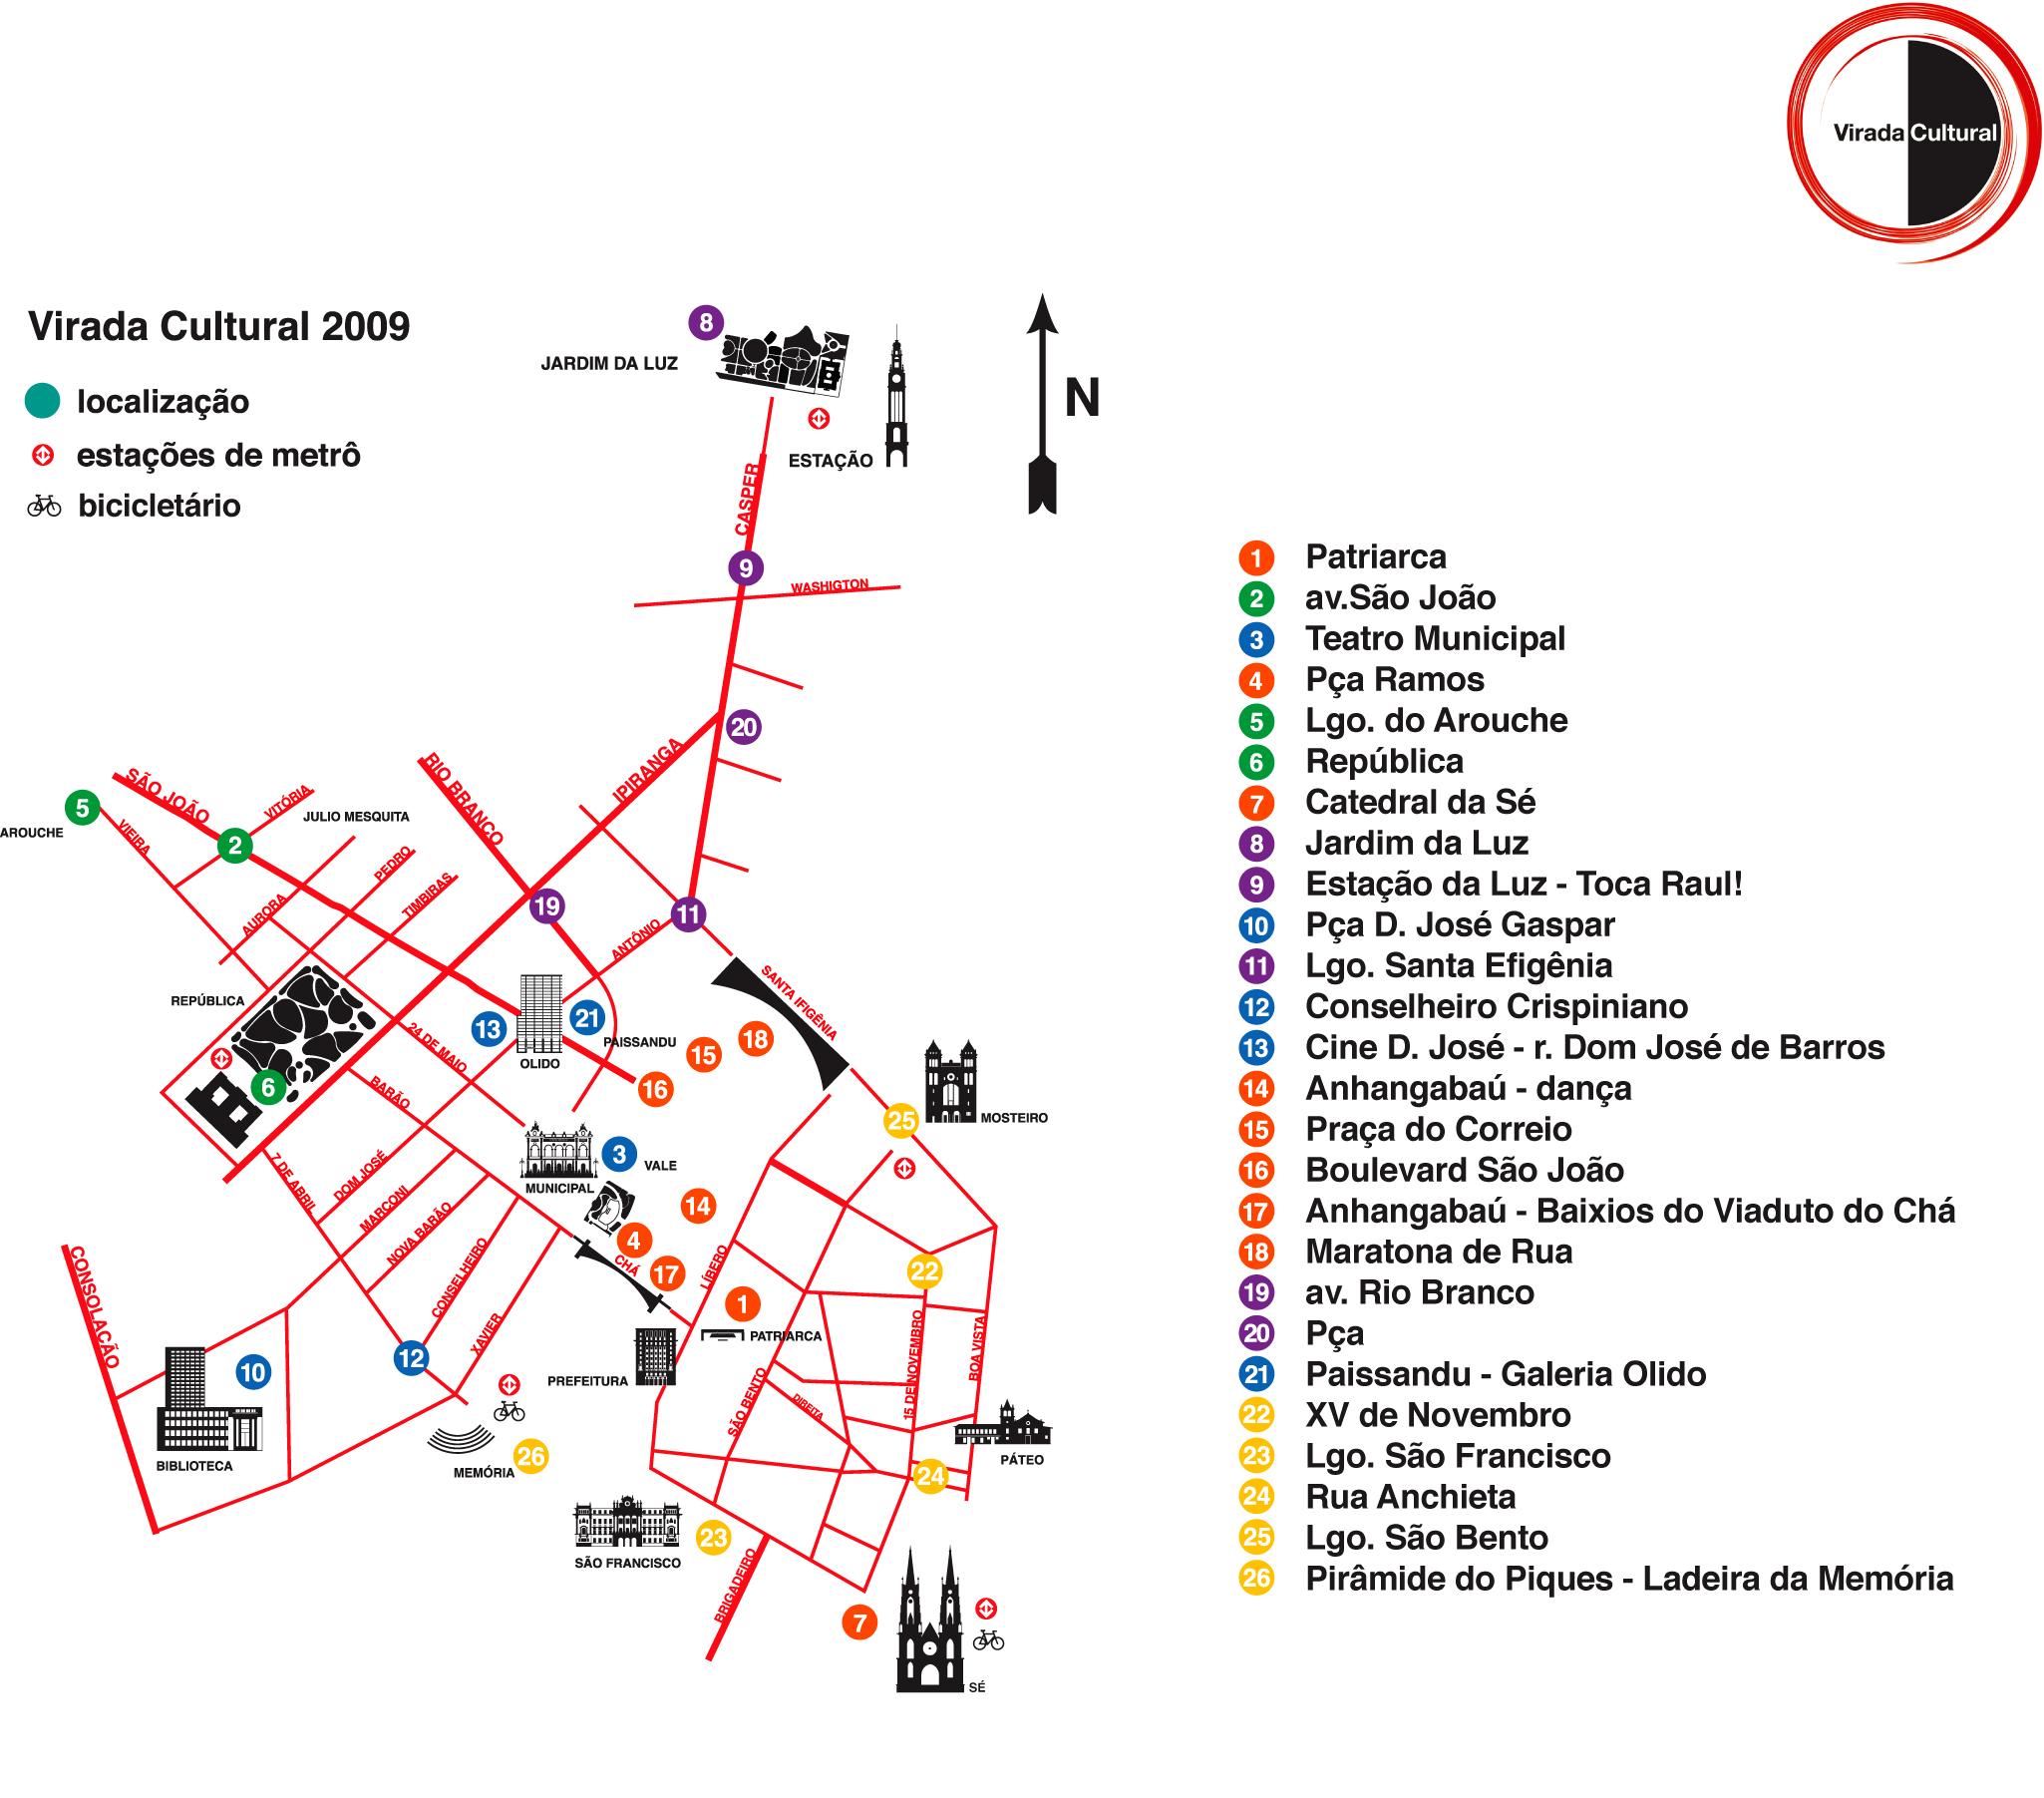 mapa virada cultural 2009